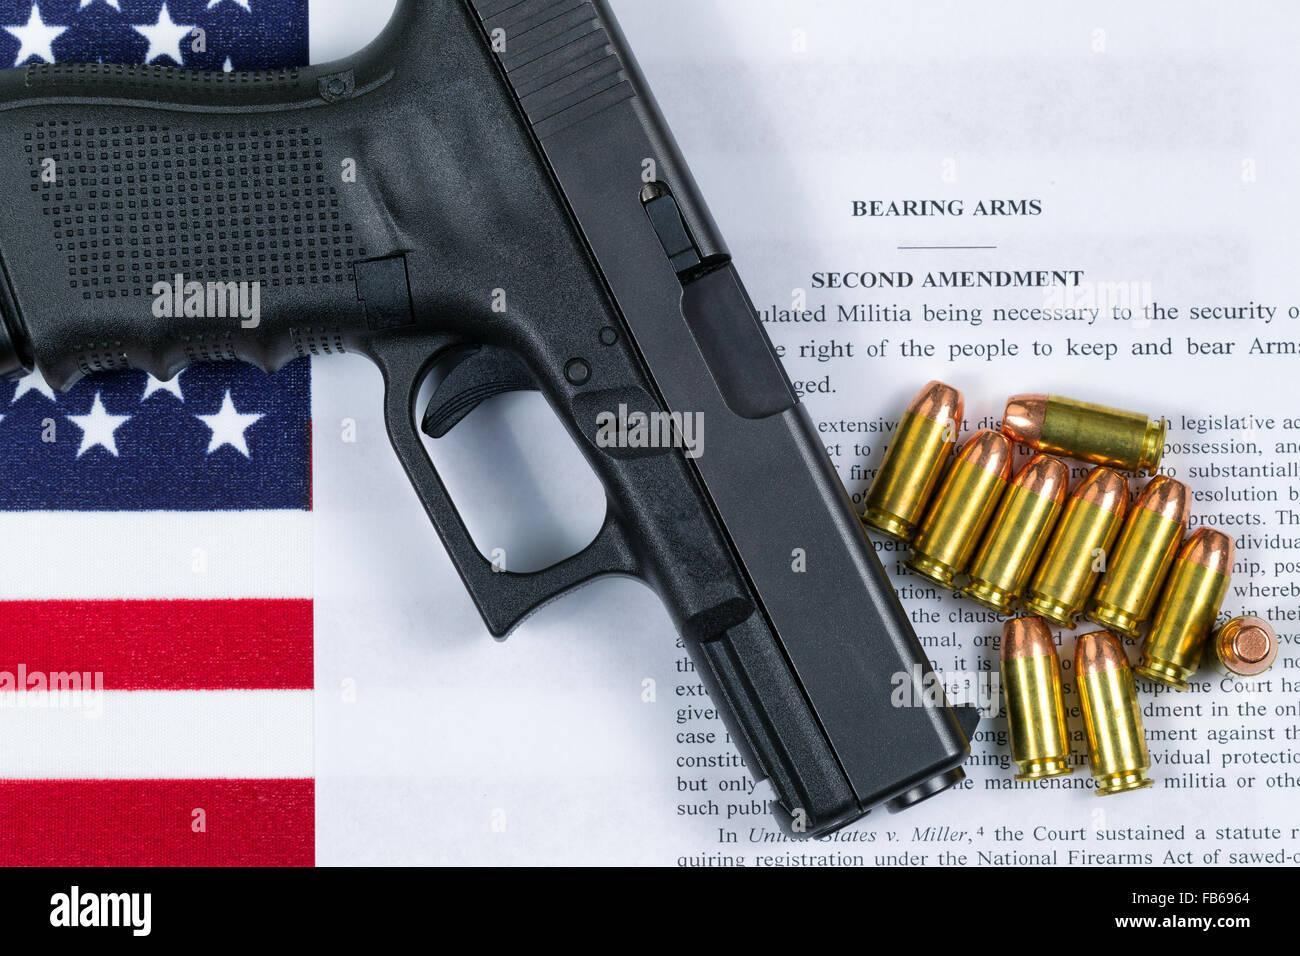 Pistole, Kugeln, USA-Flagge und Wortlaut der zweiten Änderung für das Recht, Waffen zu tragen. Stockbild